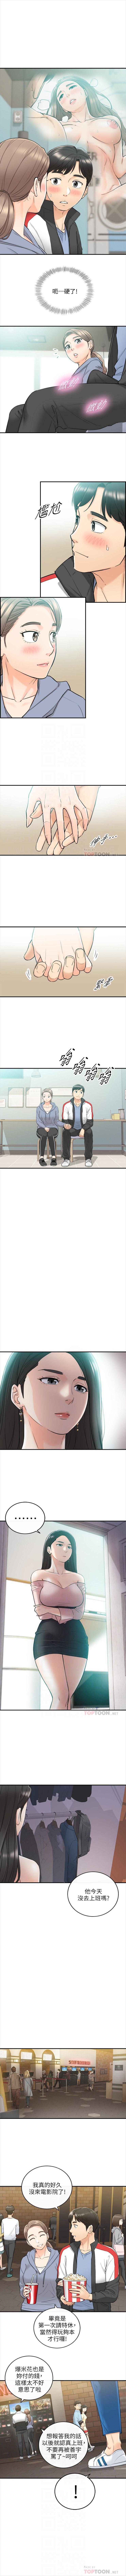 (週5)正妹小主管 1-39 中文翻譯(更新中) 184